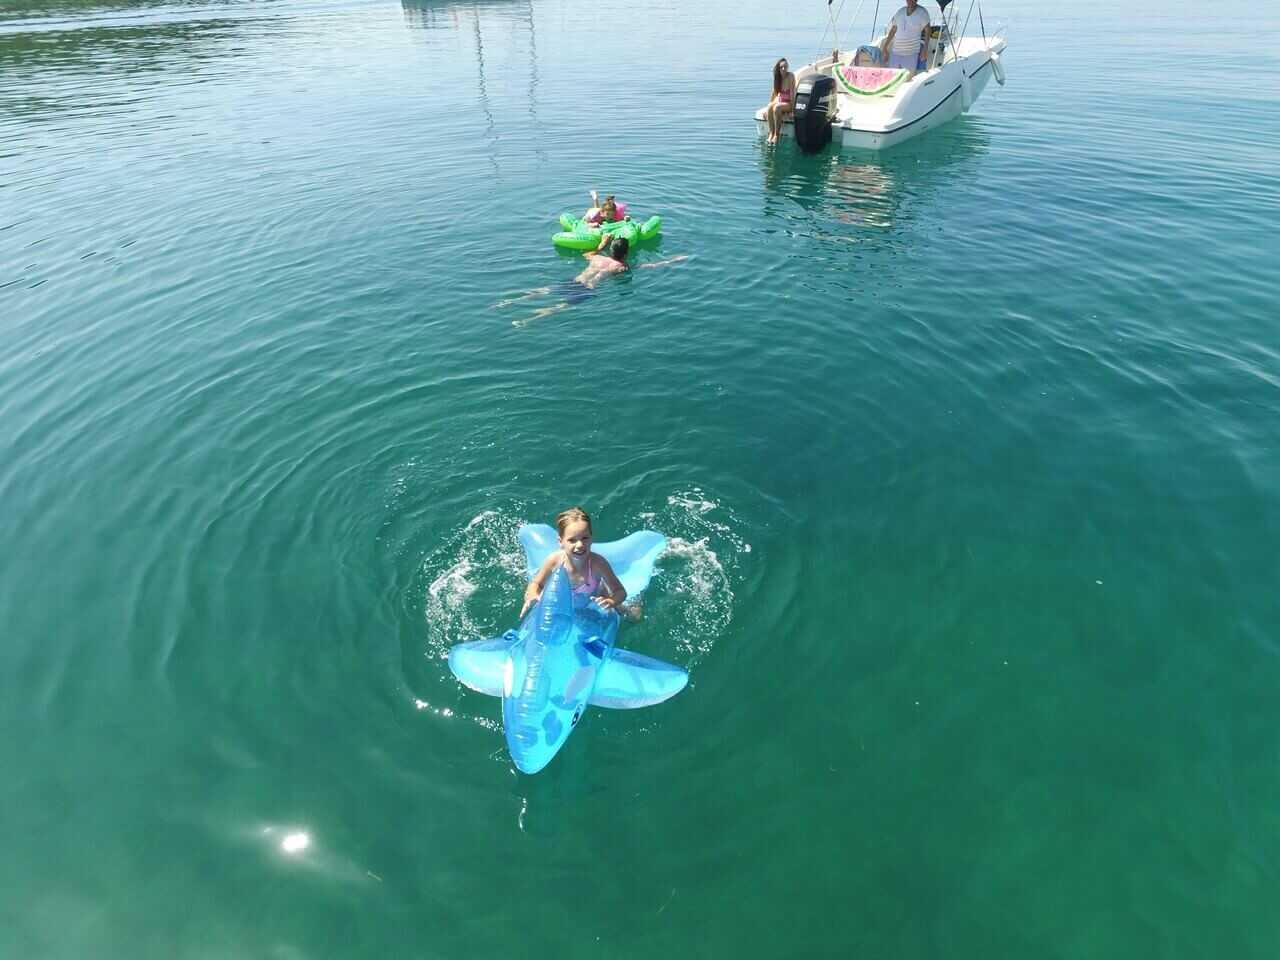 Découvrez les Kornati de façon unique en snorkeling et bouée tractée : faîtes le plein de sensations avec Topic 3